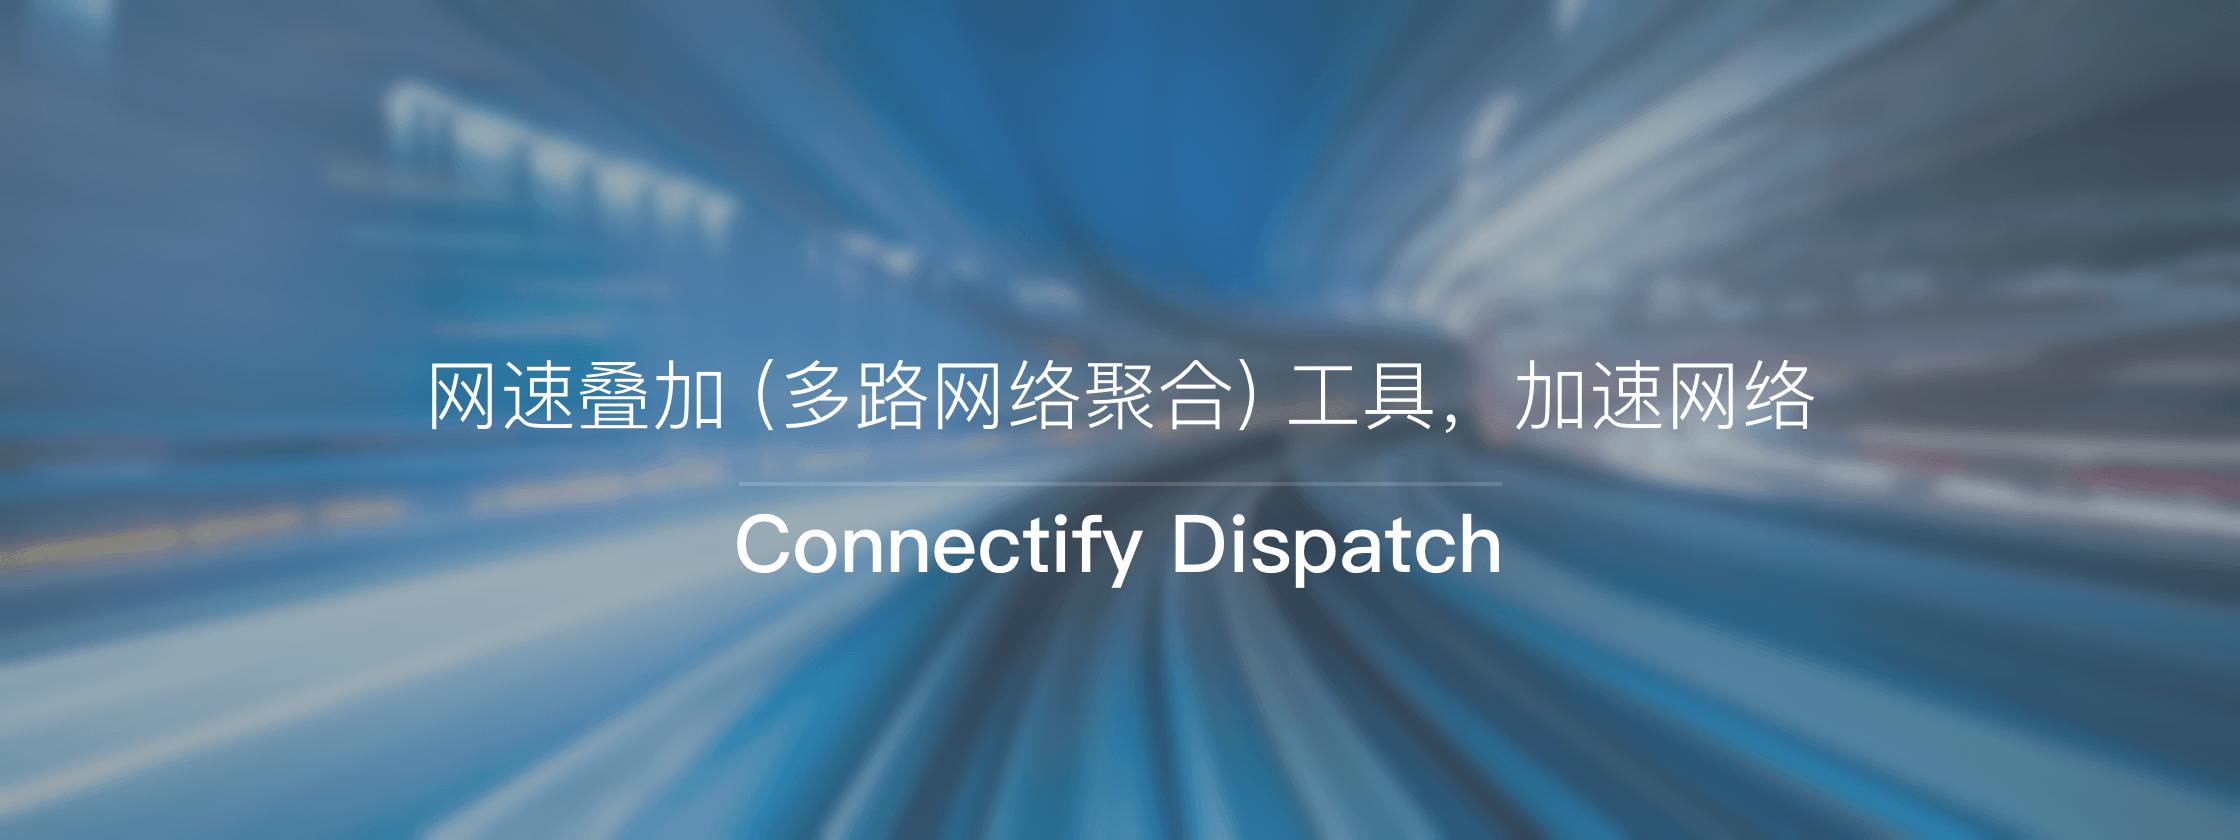 Connectify Dispatch – 网速叠加 (多路网络聚合) 工具,加速网络